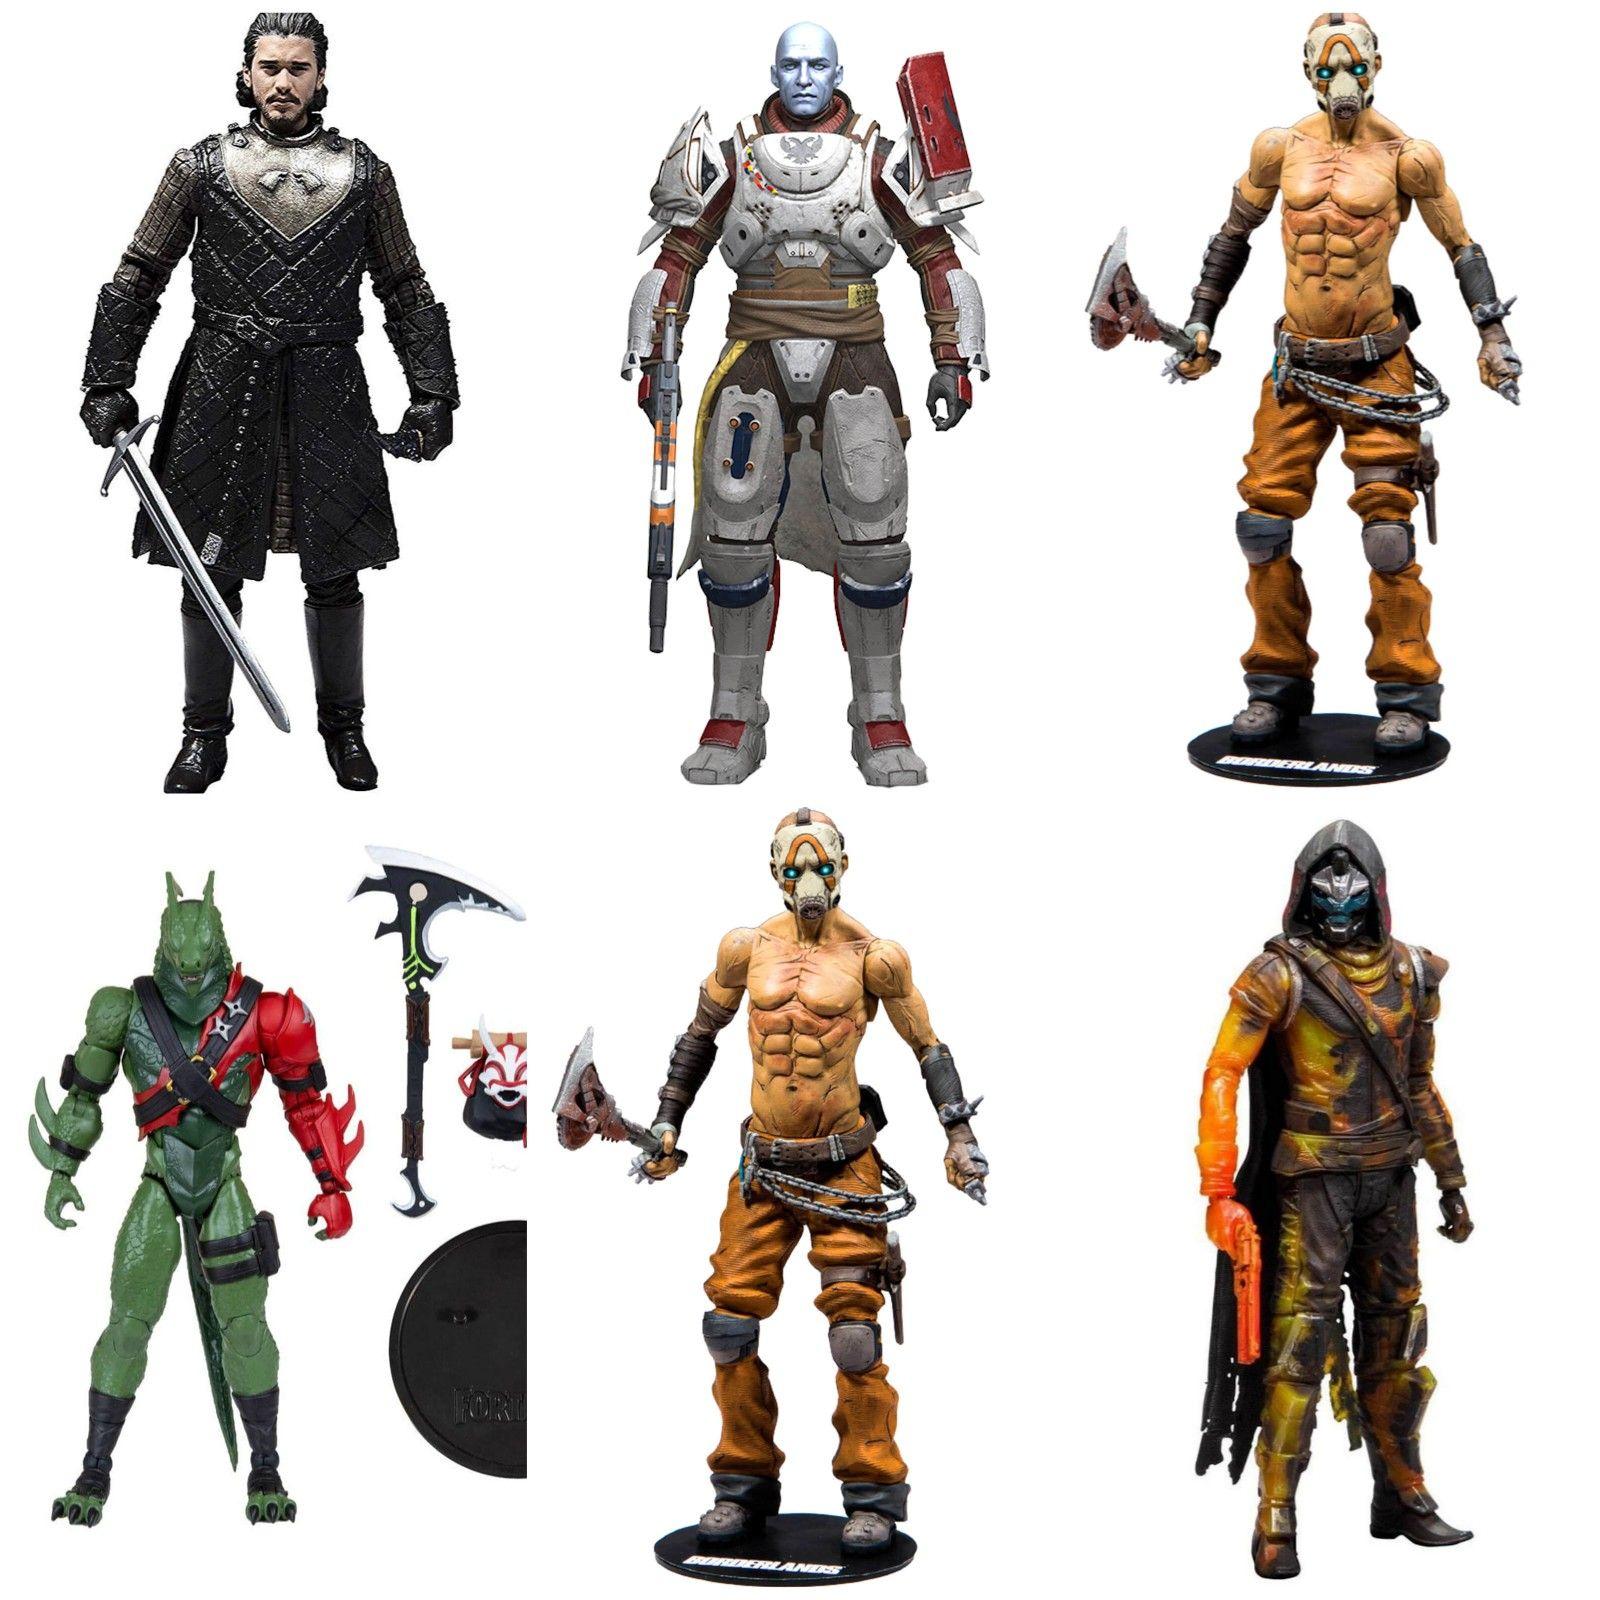 Figuras de acción coleccionables - Fortnite, Borderlands, Destiny y Juego de Tronos